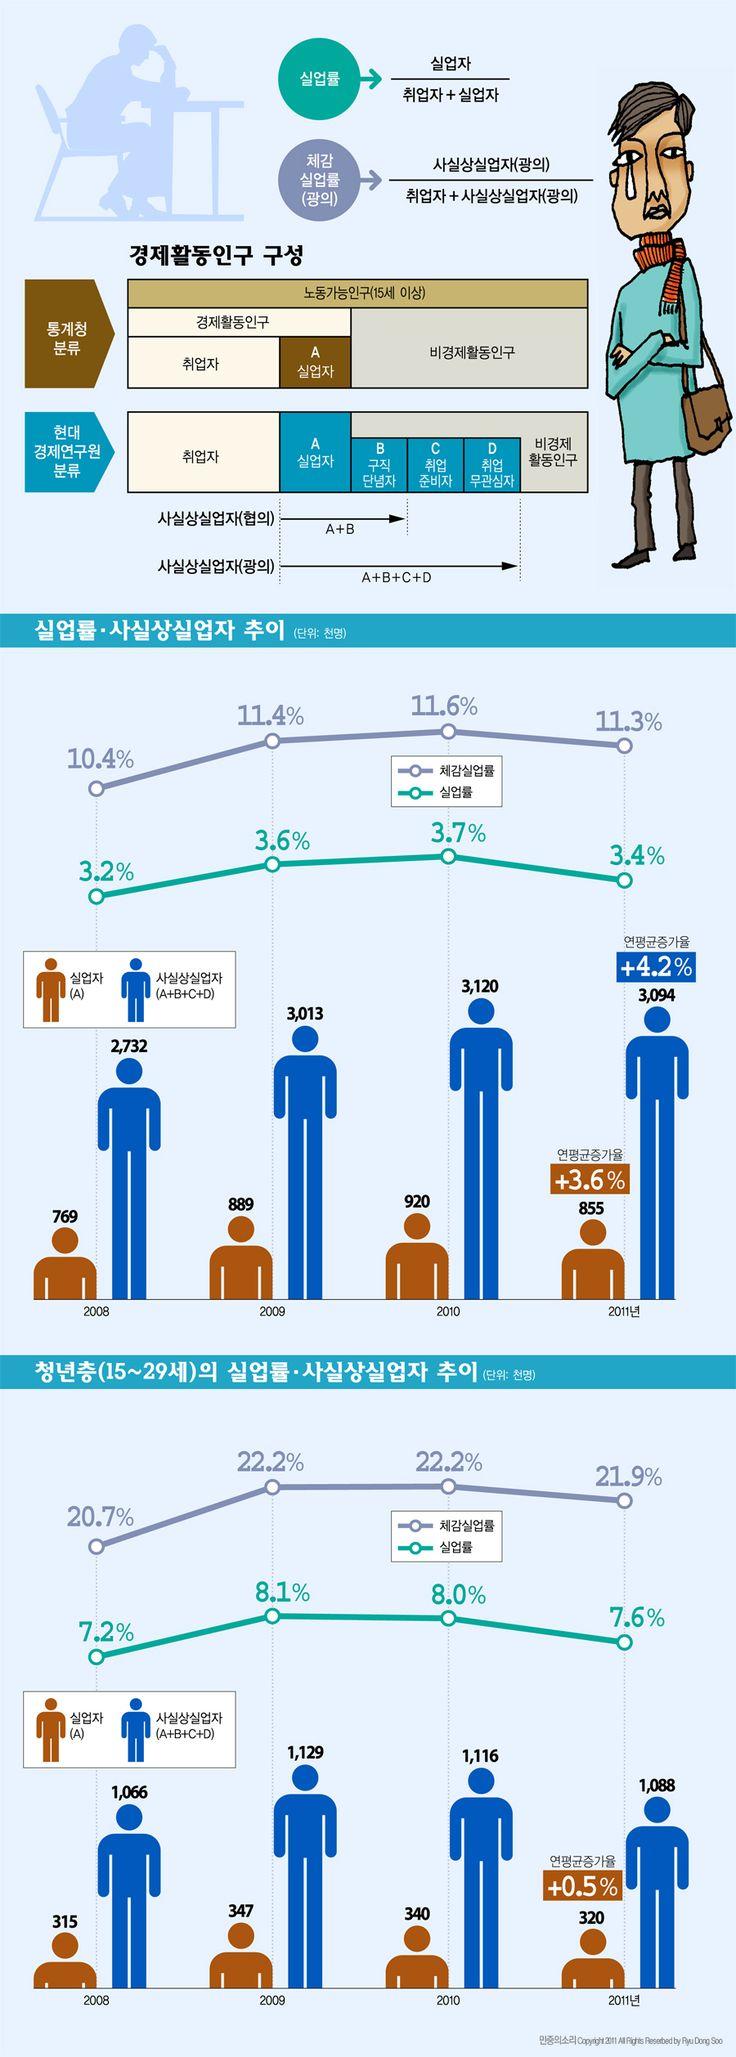 정부 실업률 3.4%의 진실